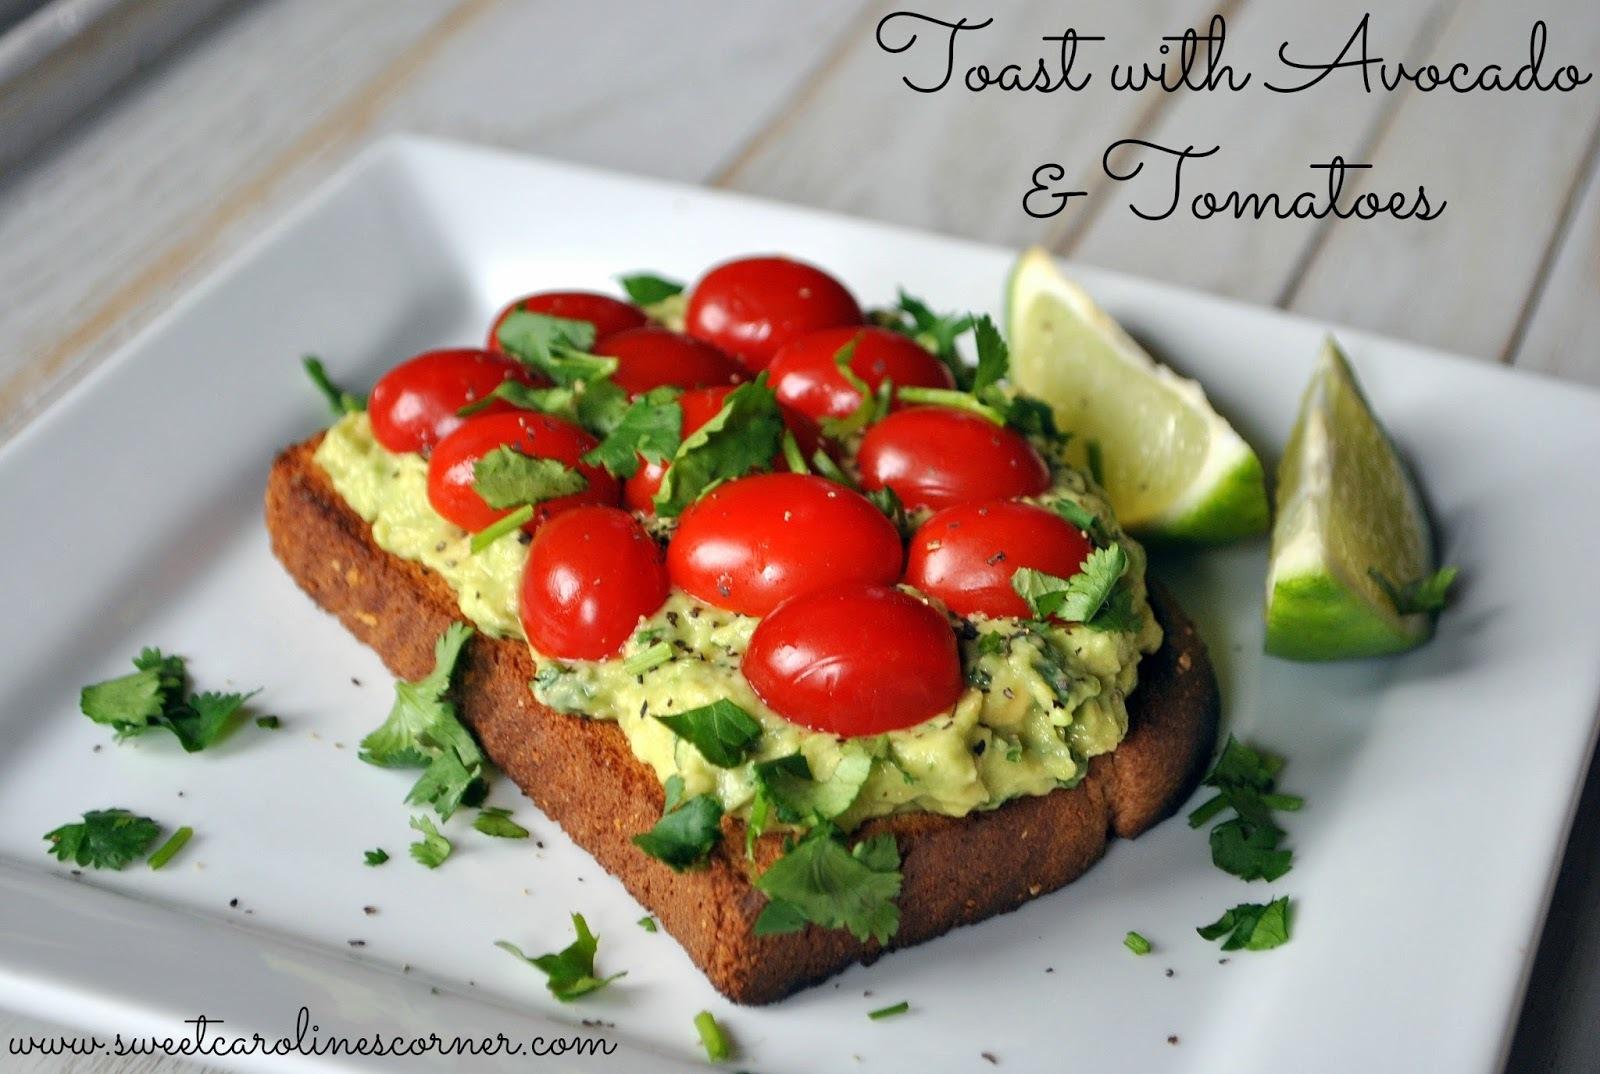 Toast with Avocado & Tomatoes (Torrada com Abacate e Tomatinhos)